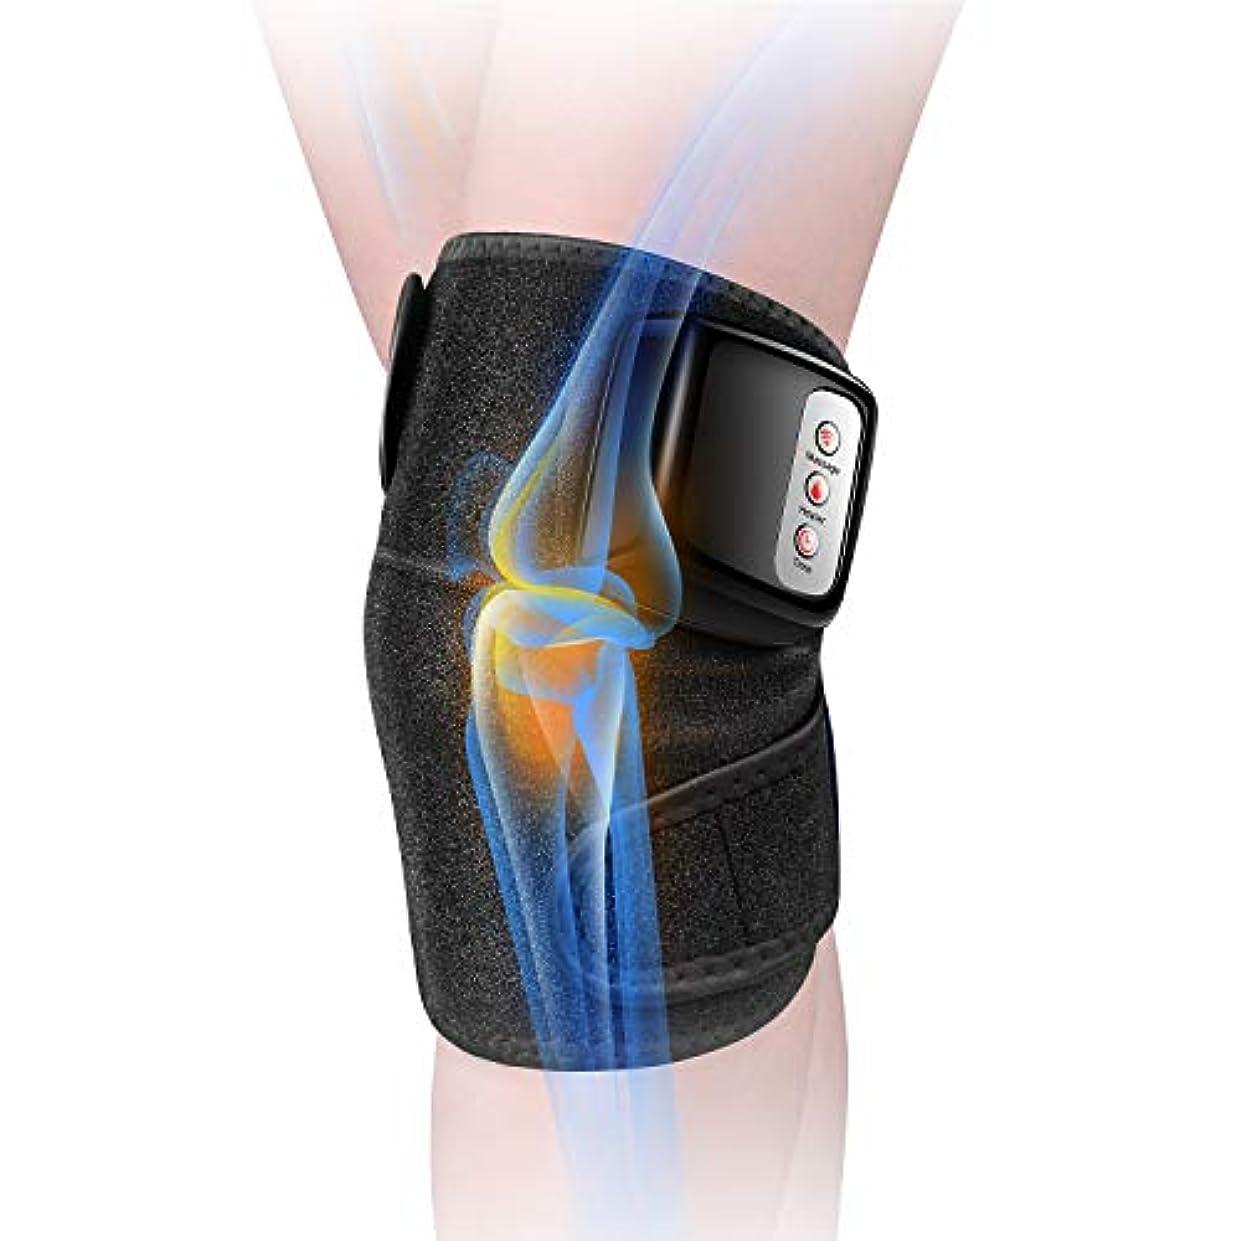 伝染性の大使常習者膝マッサージャー 関節マッサージャー マッサージ器 フットマッサージャー 振動 赤外線療法 温熱療法 膝サポーター ストレス解消 肩 太もも/腕対応